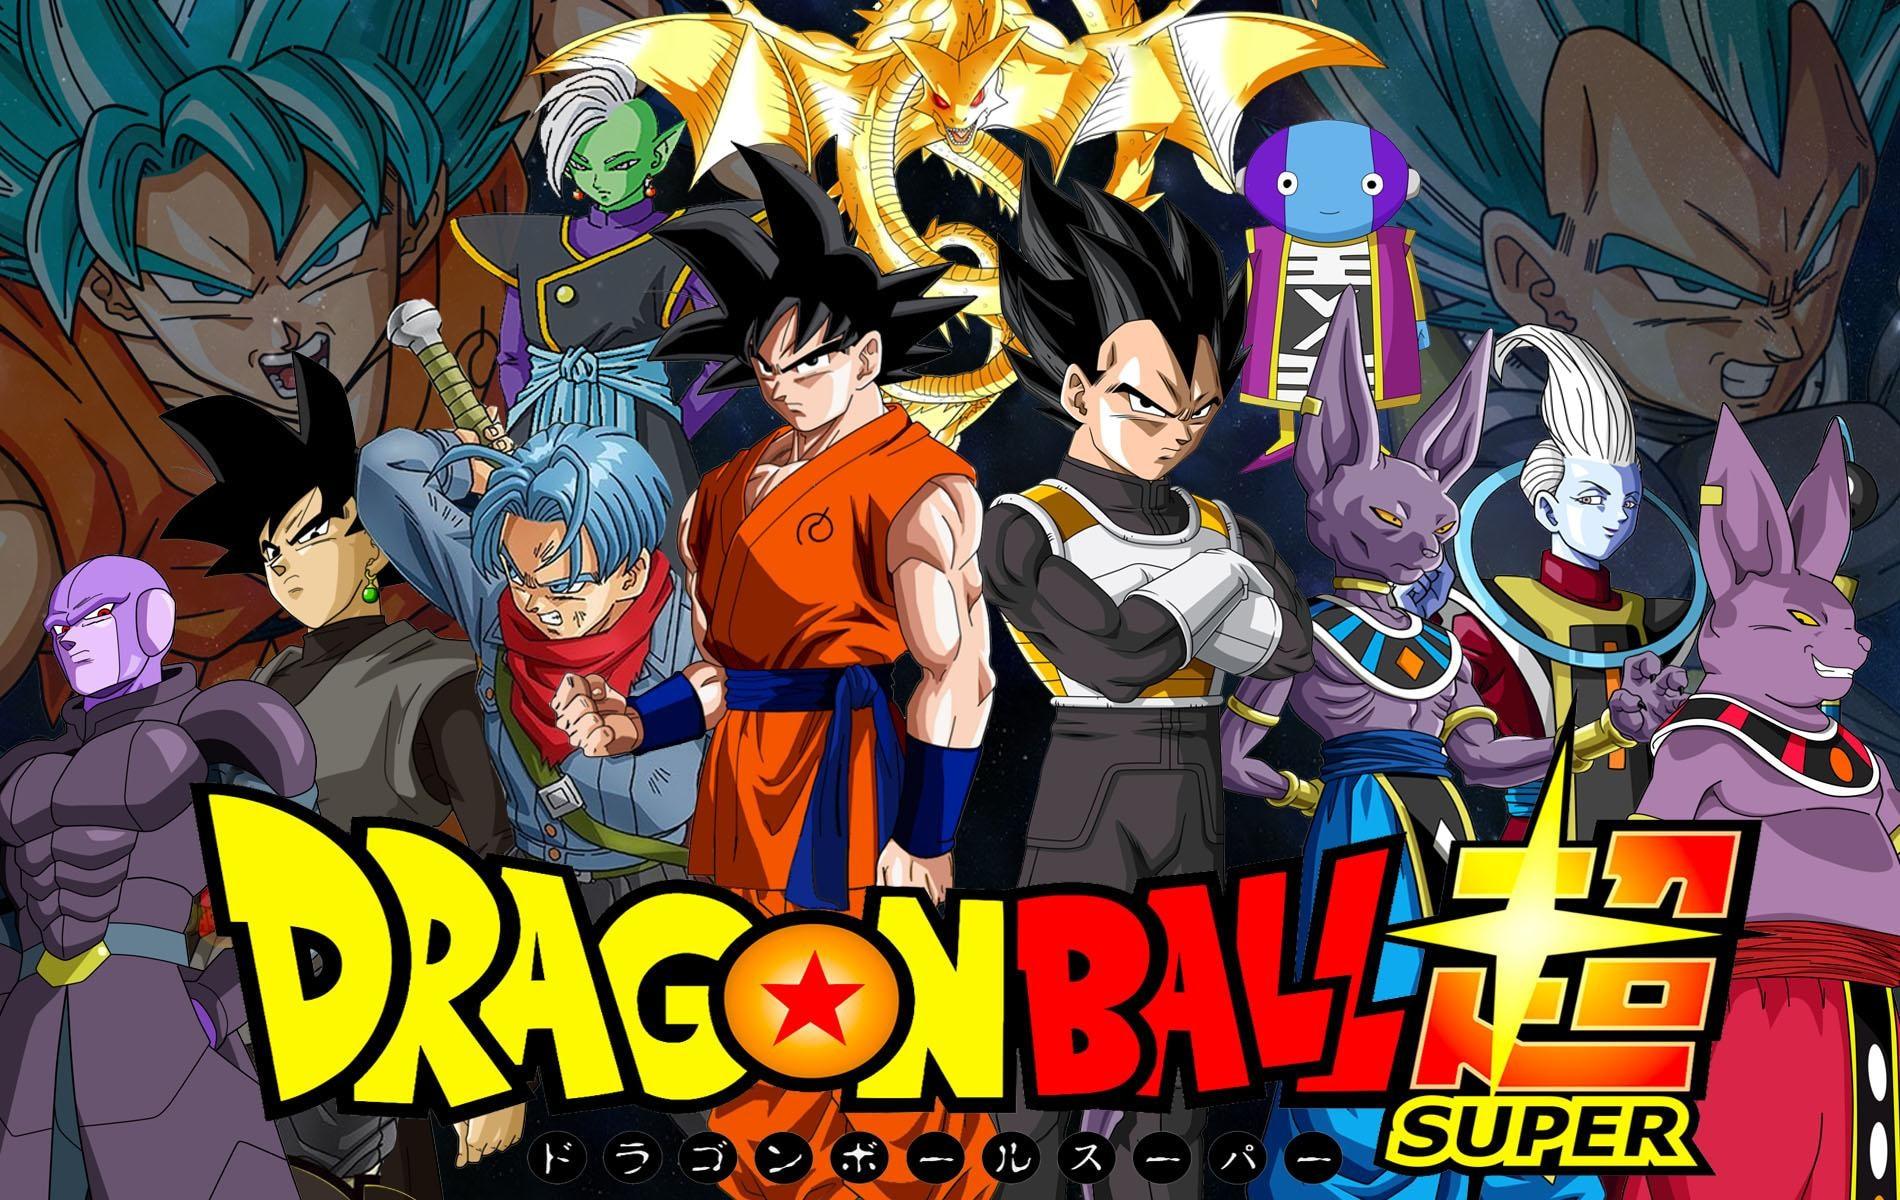 Dragon balls super poster